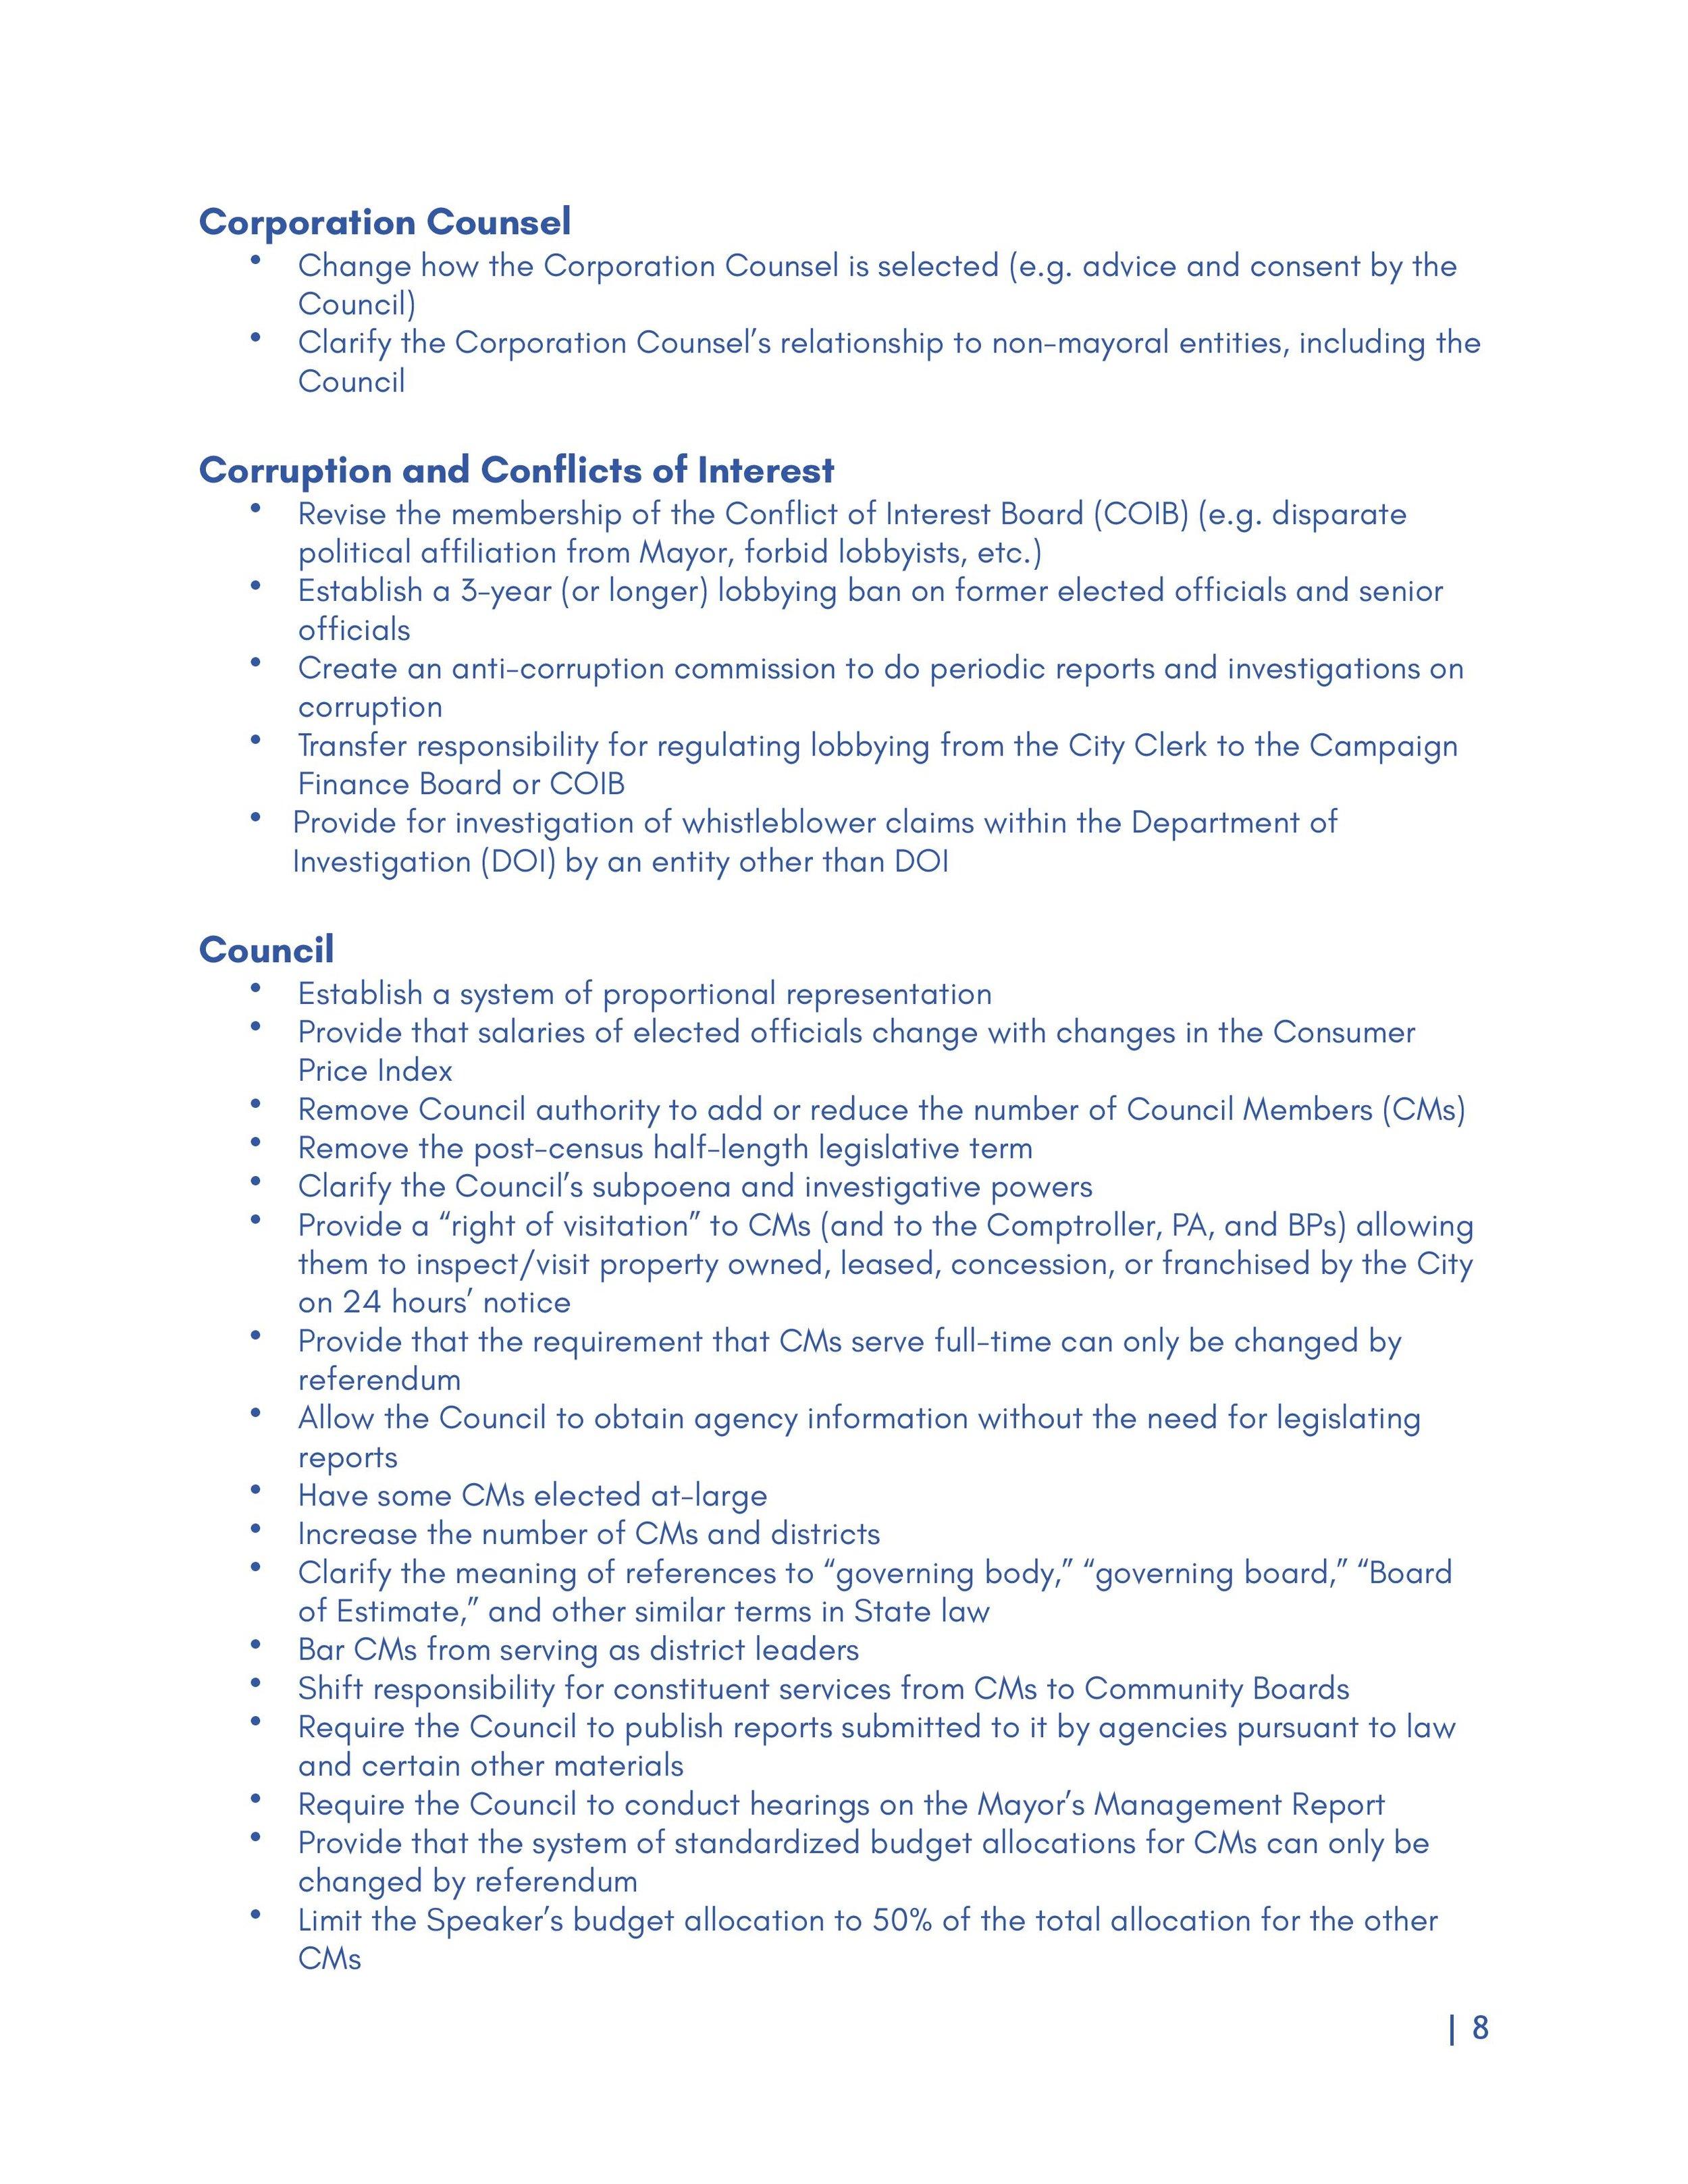 Proposals-page-008.jpg